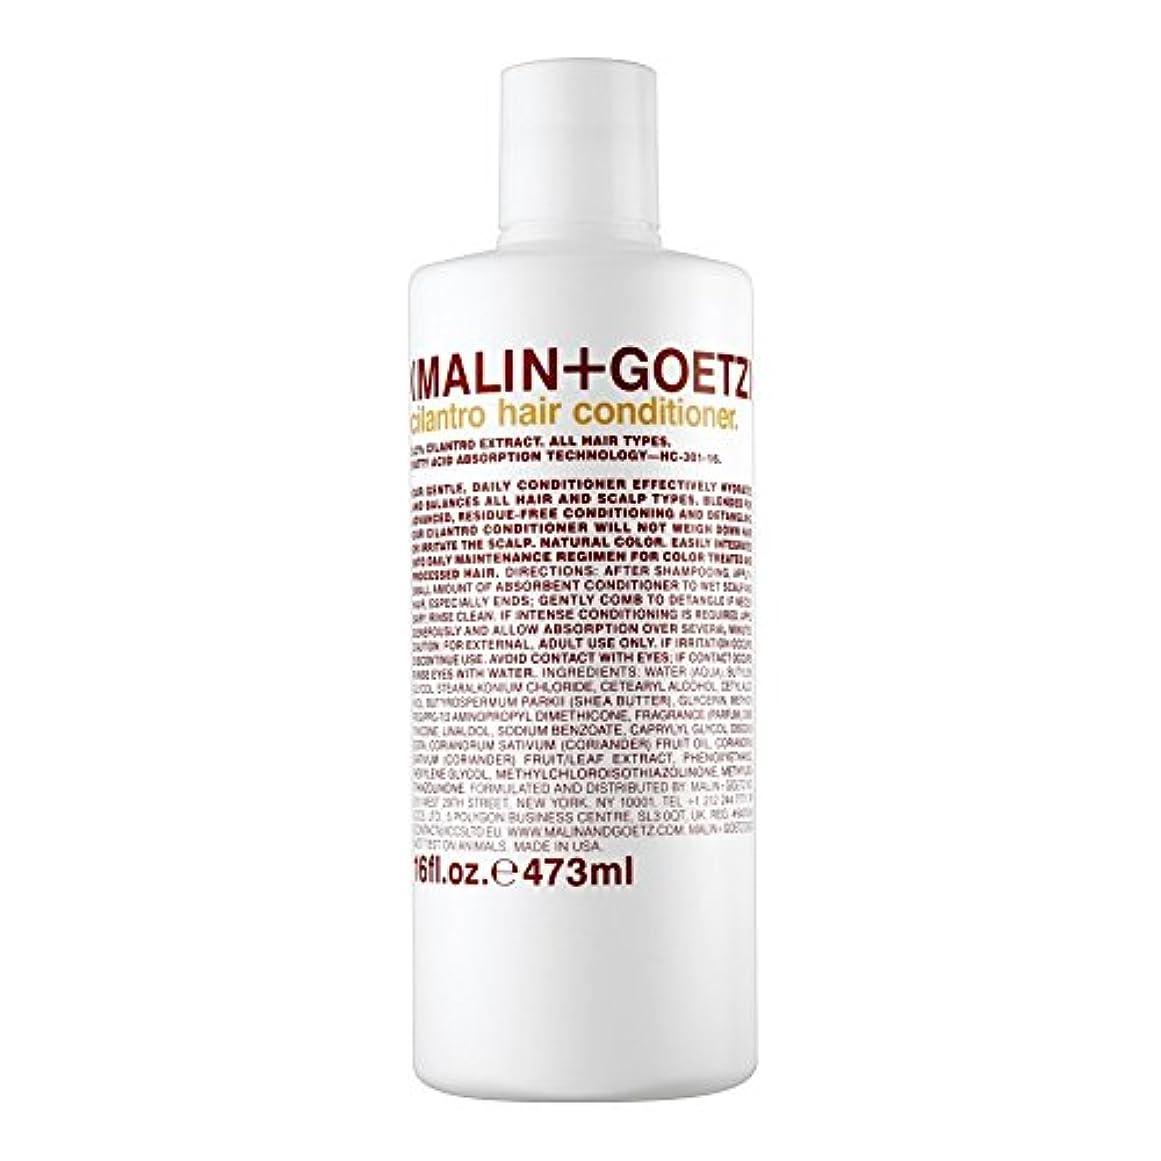 ステップパラダイス担当者MALIN+GOETZ Cilantro Hair Conditioner 473ml - マリン+ゲッツコリアンダーのヘアコンディショナー473ミリリットル [並行輸入品]